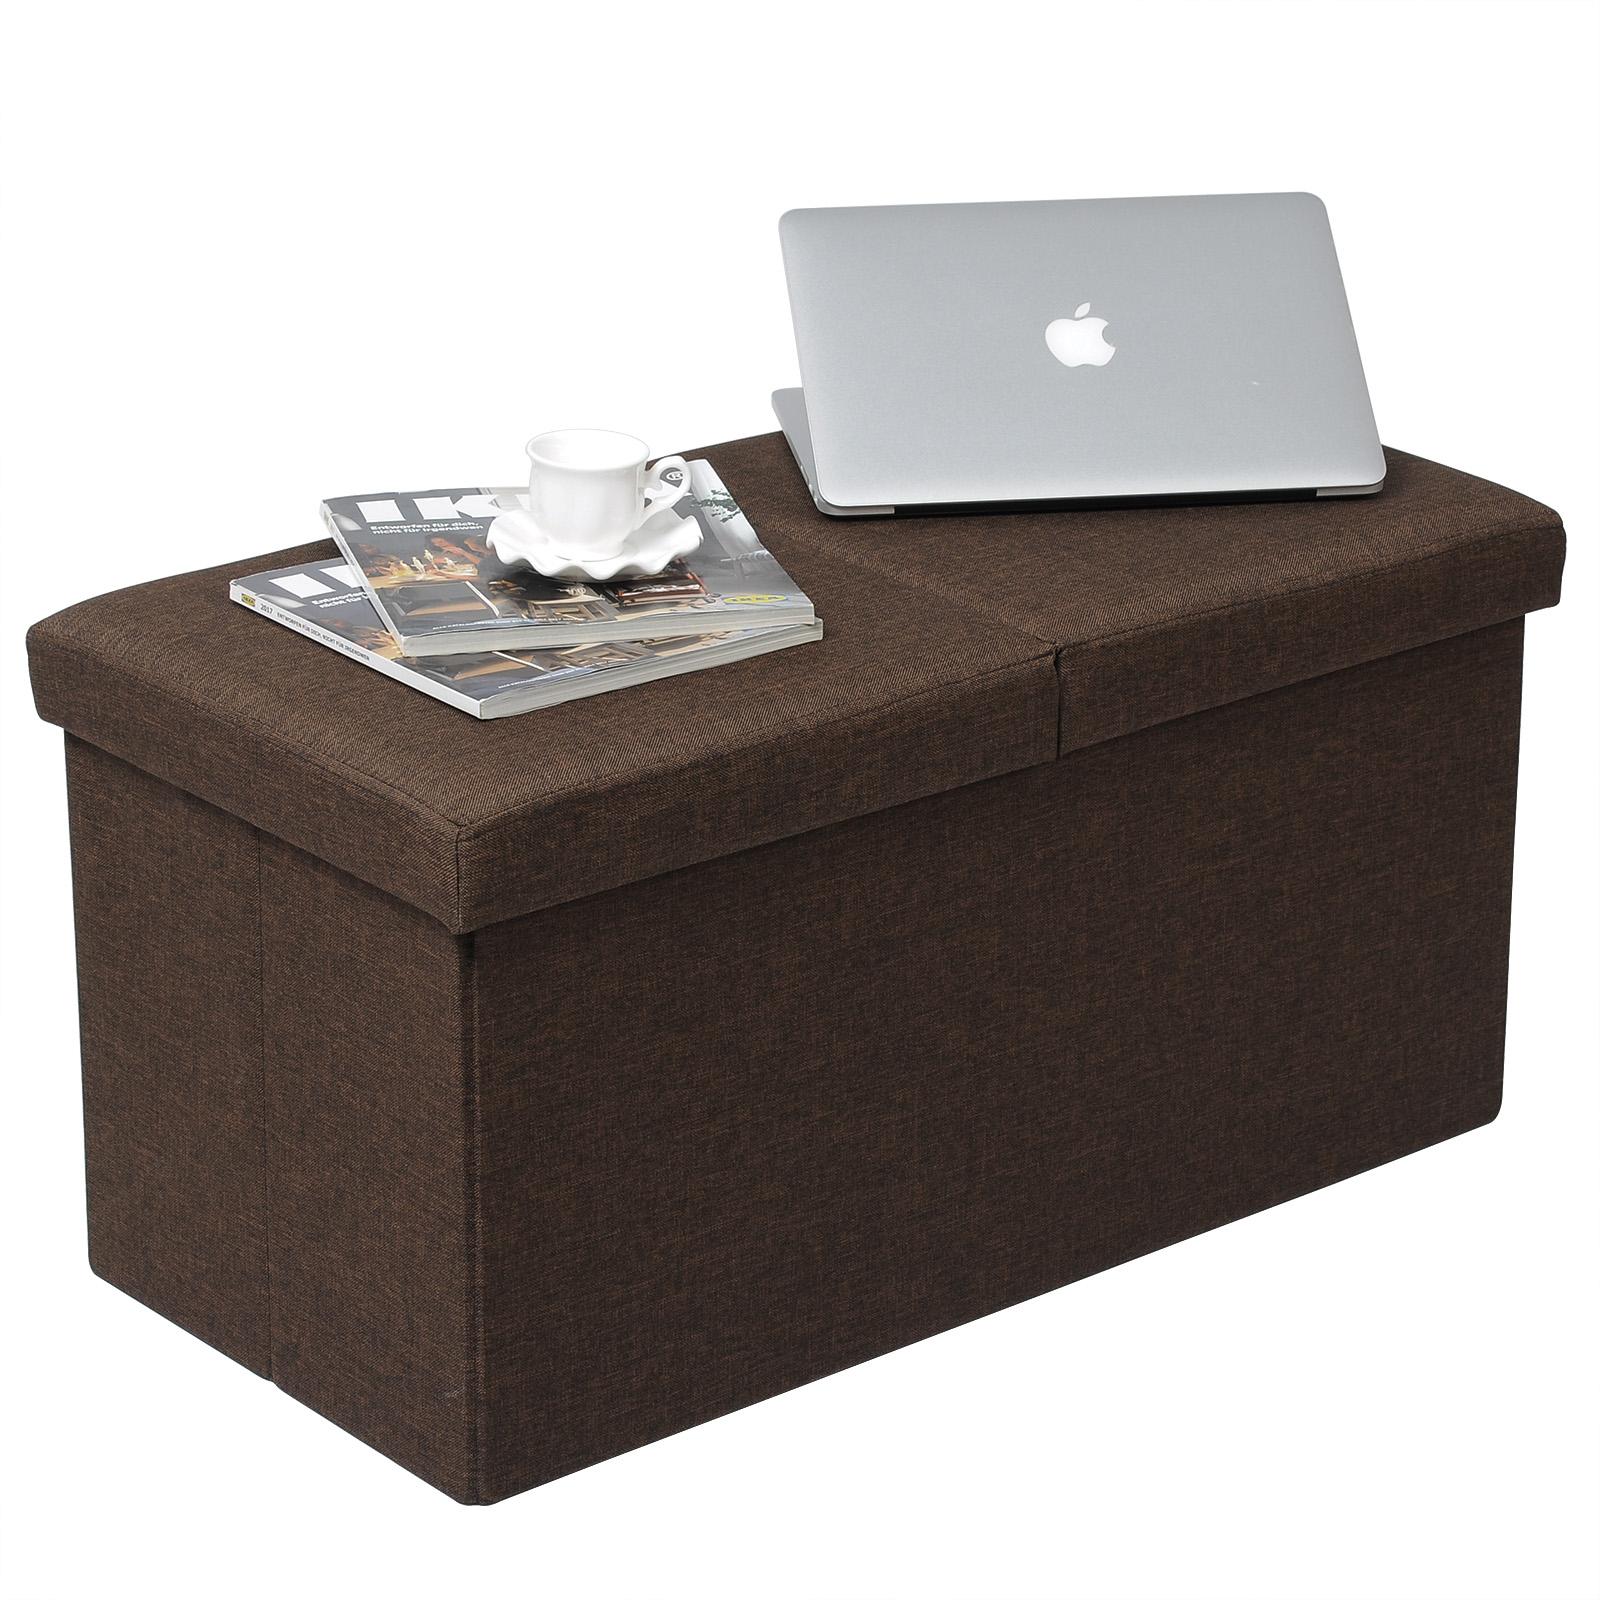 faltbarer sitzhocker sitzw rfel sitzbank aufbewahrungsbox leinen braun 760 ebay. Black Bedroom Furniture Sets. Home Design Ideas